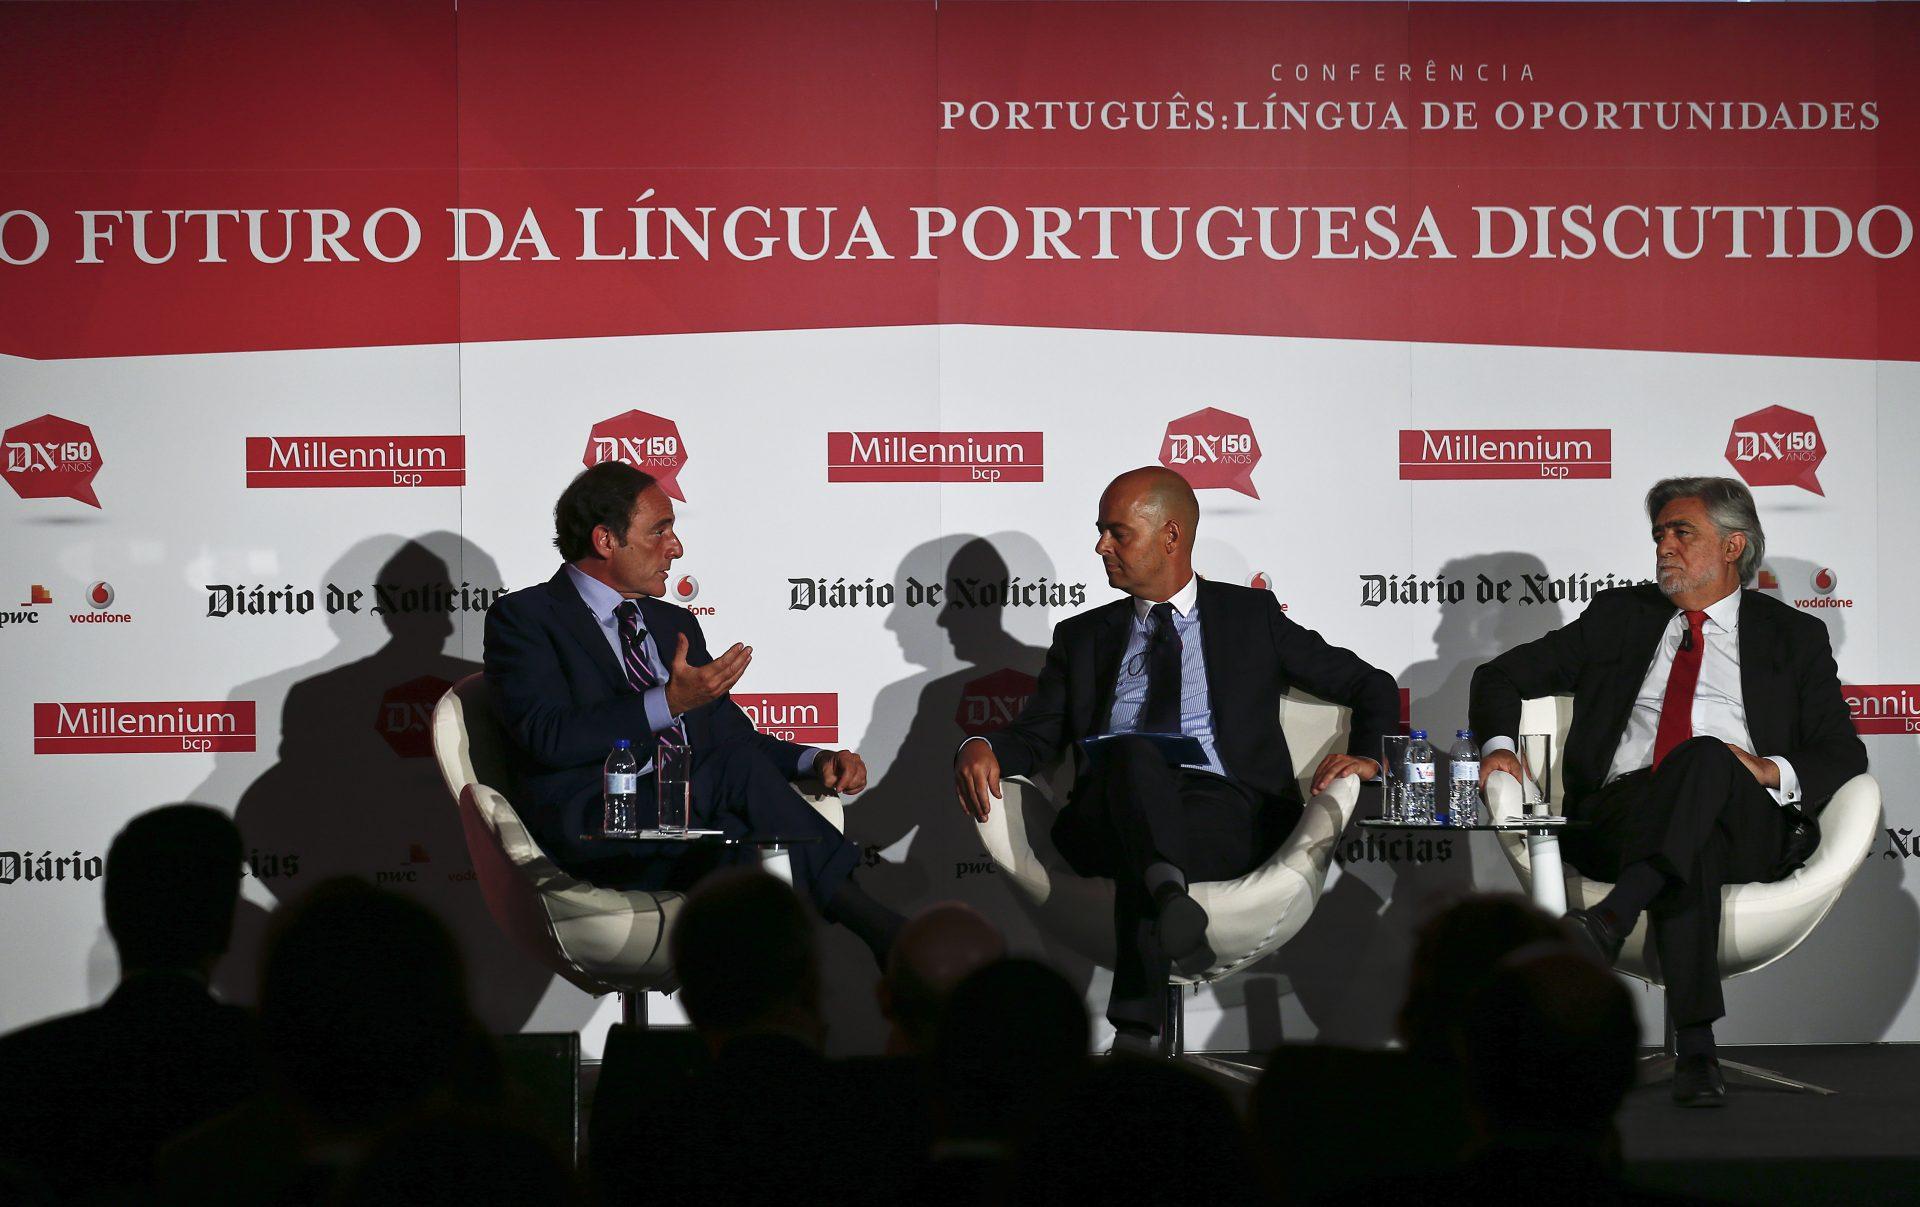 """O vice-primeiro-ministro, Paulo Portas (E), acompanhado pelo diretor do Diário de Notícias (DN) André Macedo (C) e pelo antigo ministro dos Negócios Estrangeiros Luís Amado (D), usa da palavra durante a Conferência """"Português: língua de oportunidades"""", Lisboa, 27 de maio de 2015. ANTÓNIO COTRIM/LUSA"""